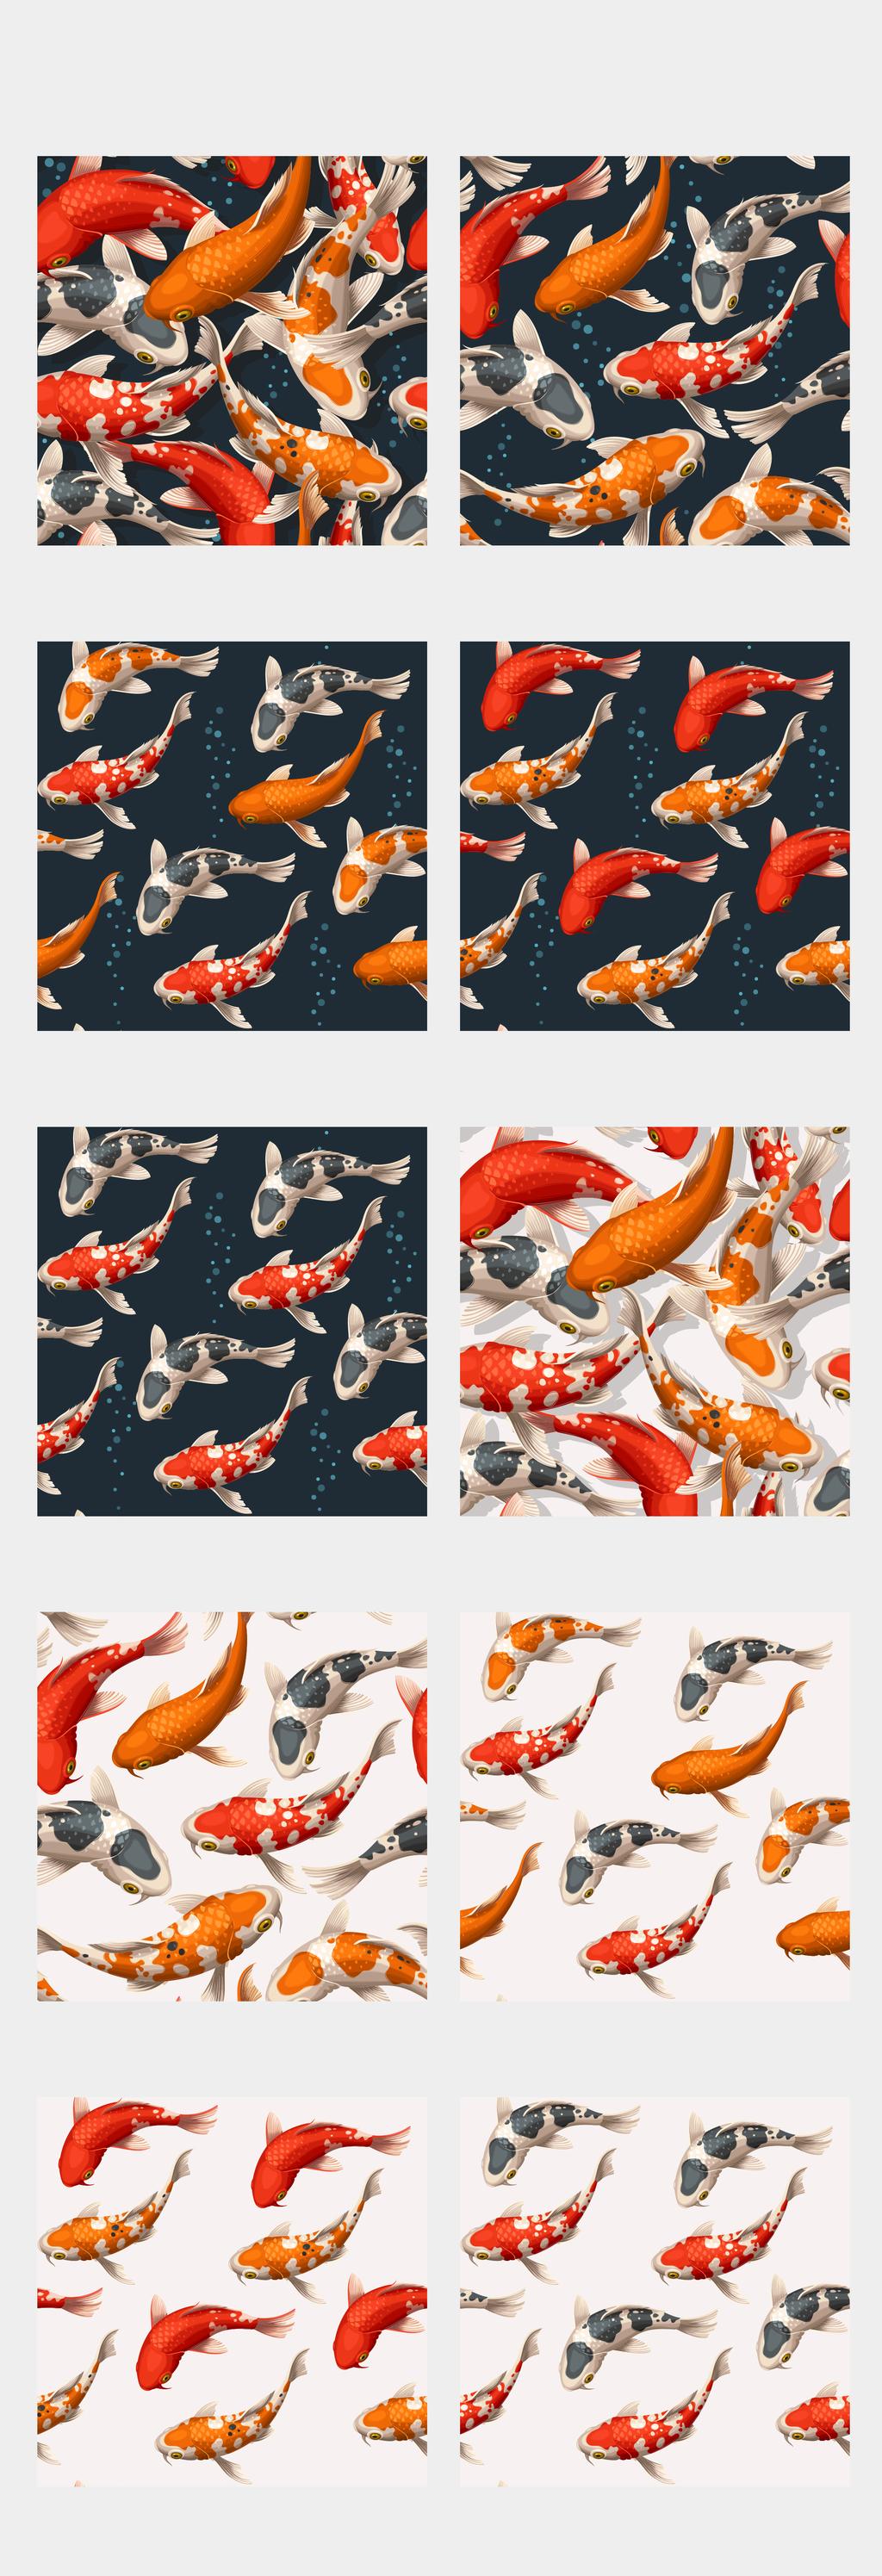 锦鲤古典中国风动物矢量素材